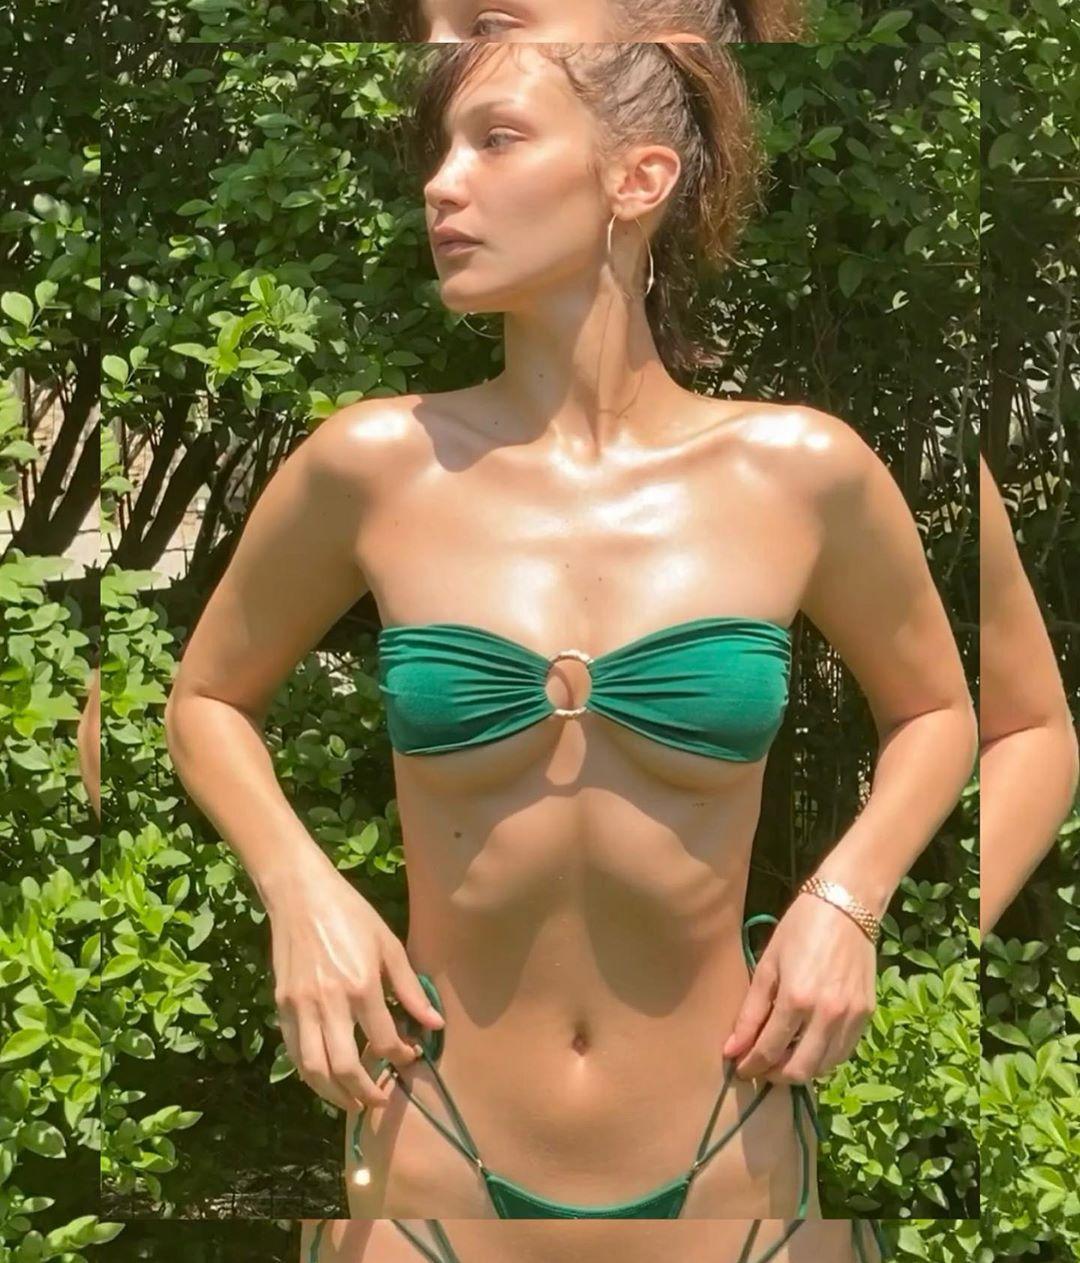 Белла Хадид снялась в купальнике / instagram.com/bellahadid